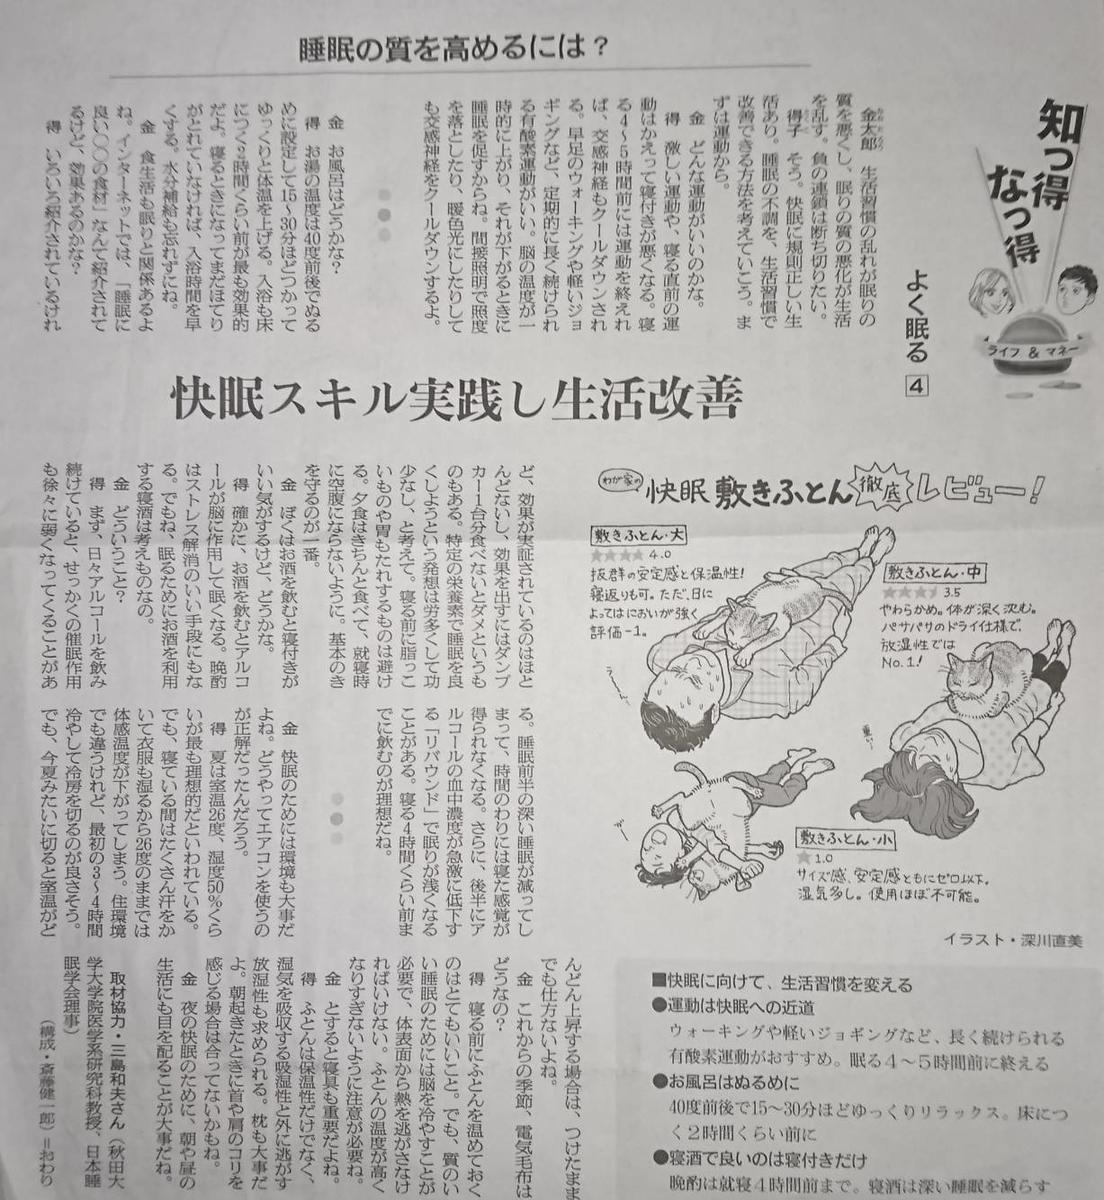 f:id:kazura-kobayashi:20200616084336j:plain